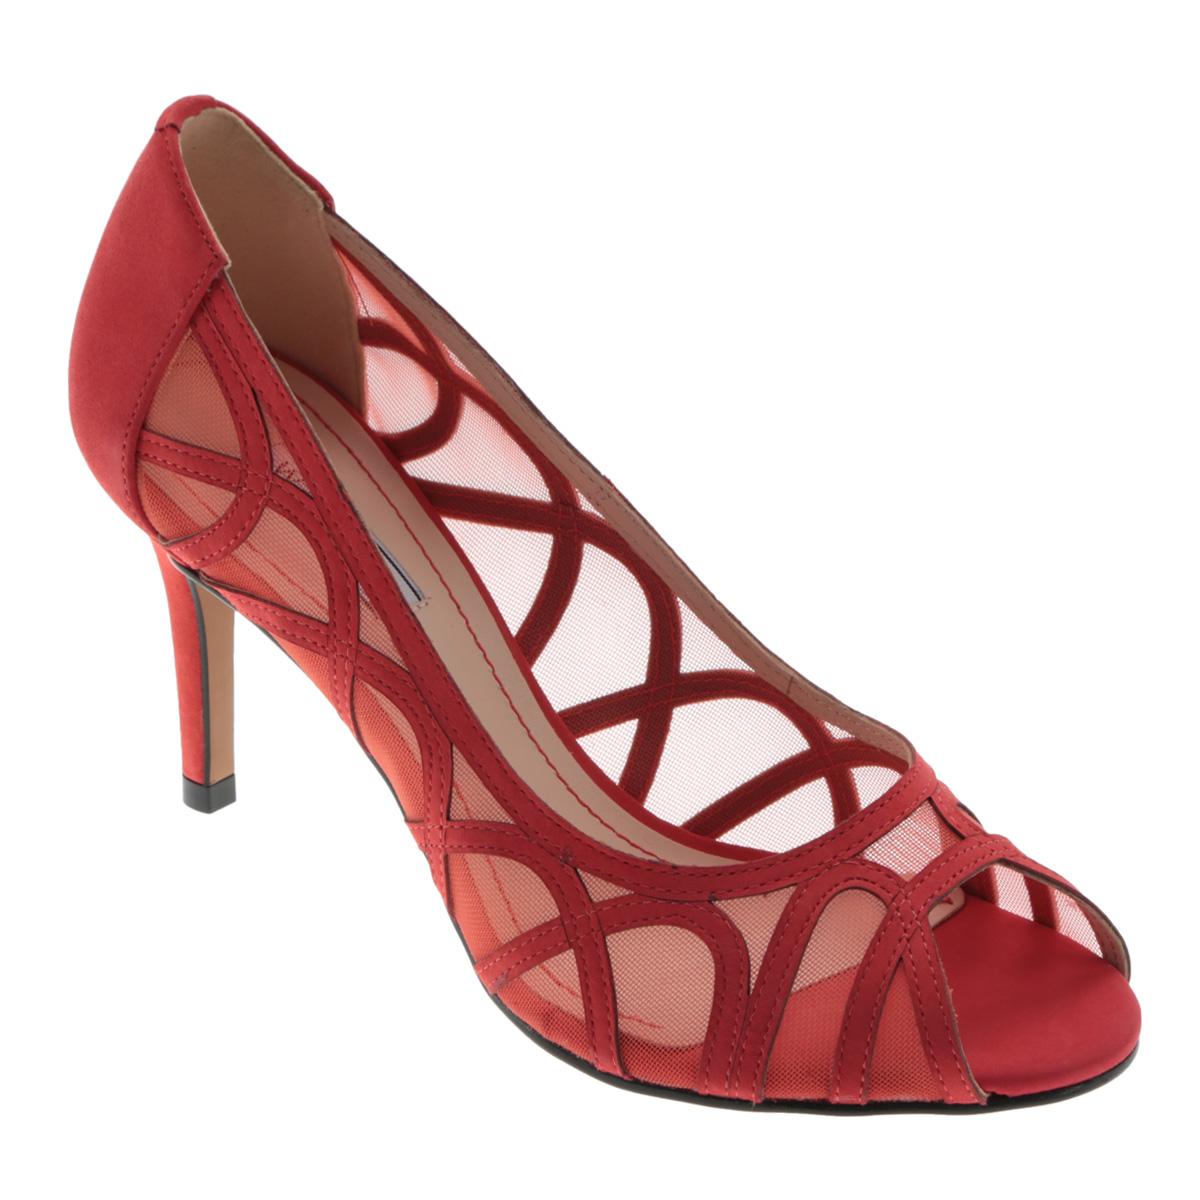 Туфли женские. 8-044788-04478Яркие женские туфли на шпильке от Werner прекрасно подчеркнут ваш стиль. Верх модели выполнен из натурального нубука и сетчатого материала. Оформлено изделие оригинальным рисунком. Внутренняя часть и стелька из натуральной кожи гарантируют комфорт и удобство при ходьбе. Открытый носок добавляет женственности в образ. Высокий каблук подчеркнет красоту и стройность ваших ног. Подошва выполнена из прочного полимера с противоскользящим рифлением. Такие туфли станут прекрасным дополнением вашего гардероба. Они сделают вас ярче и подчеркнут вашу индивидуальность!